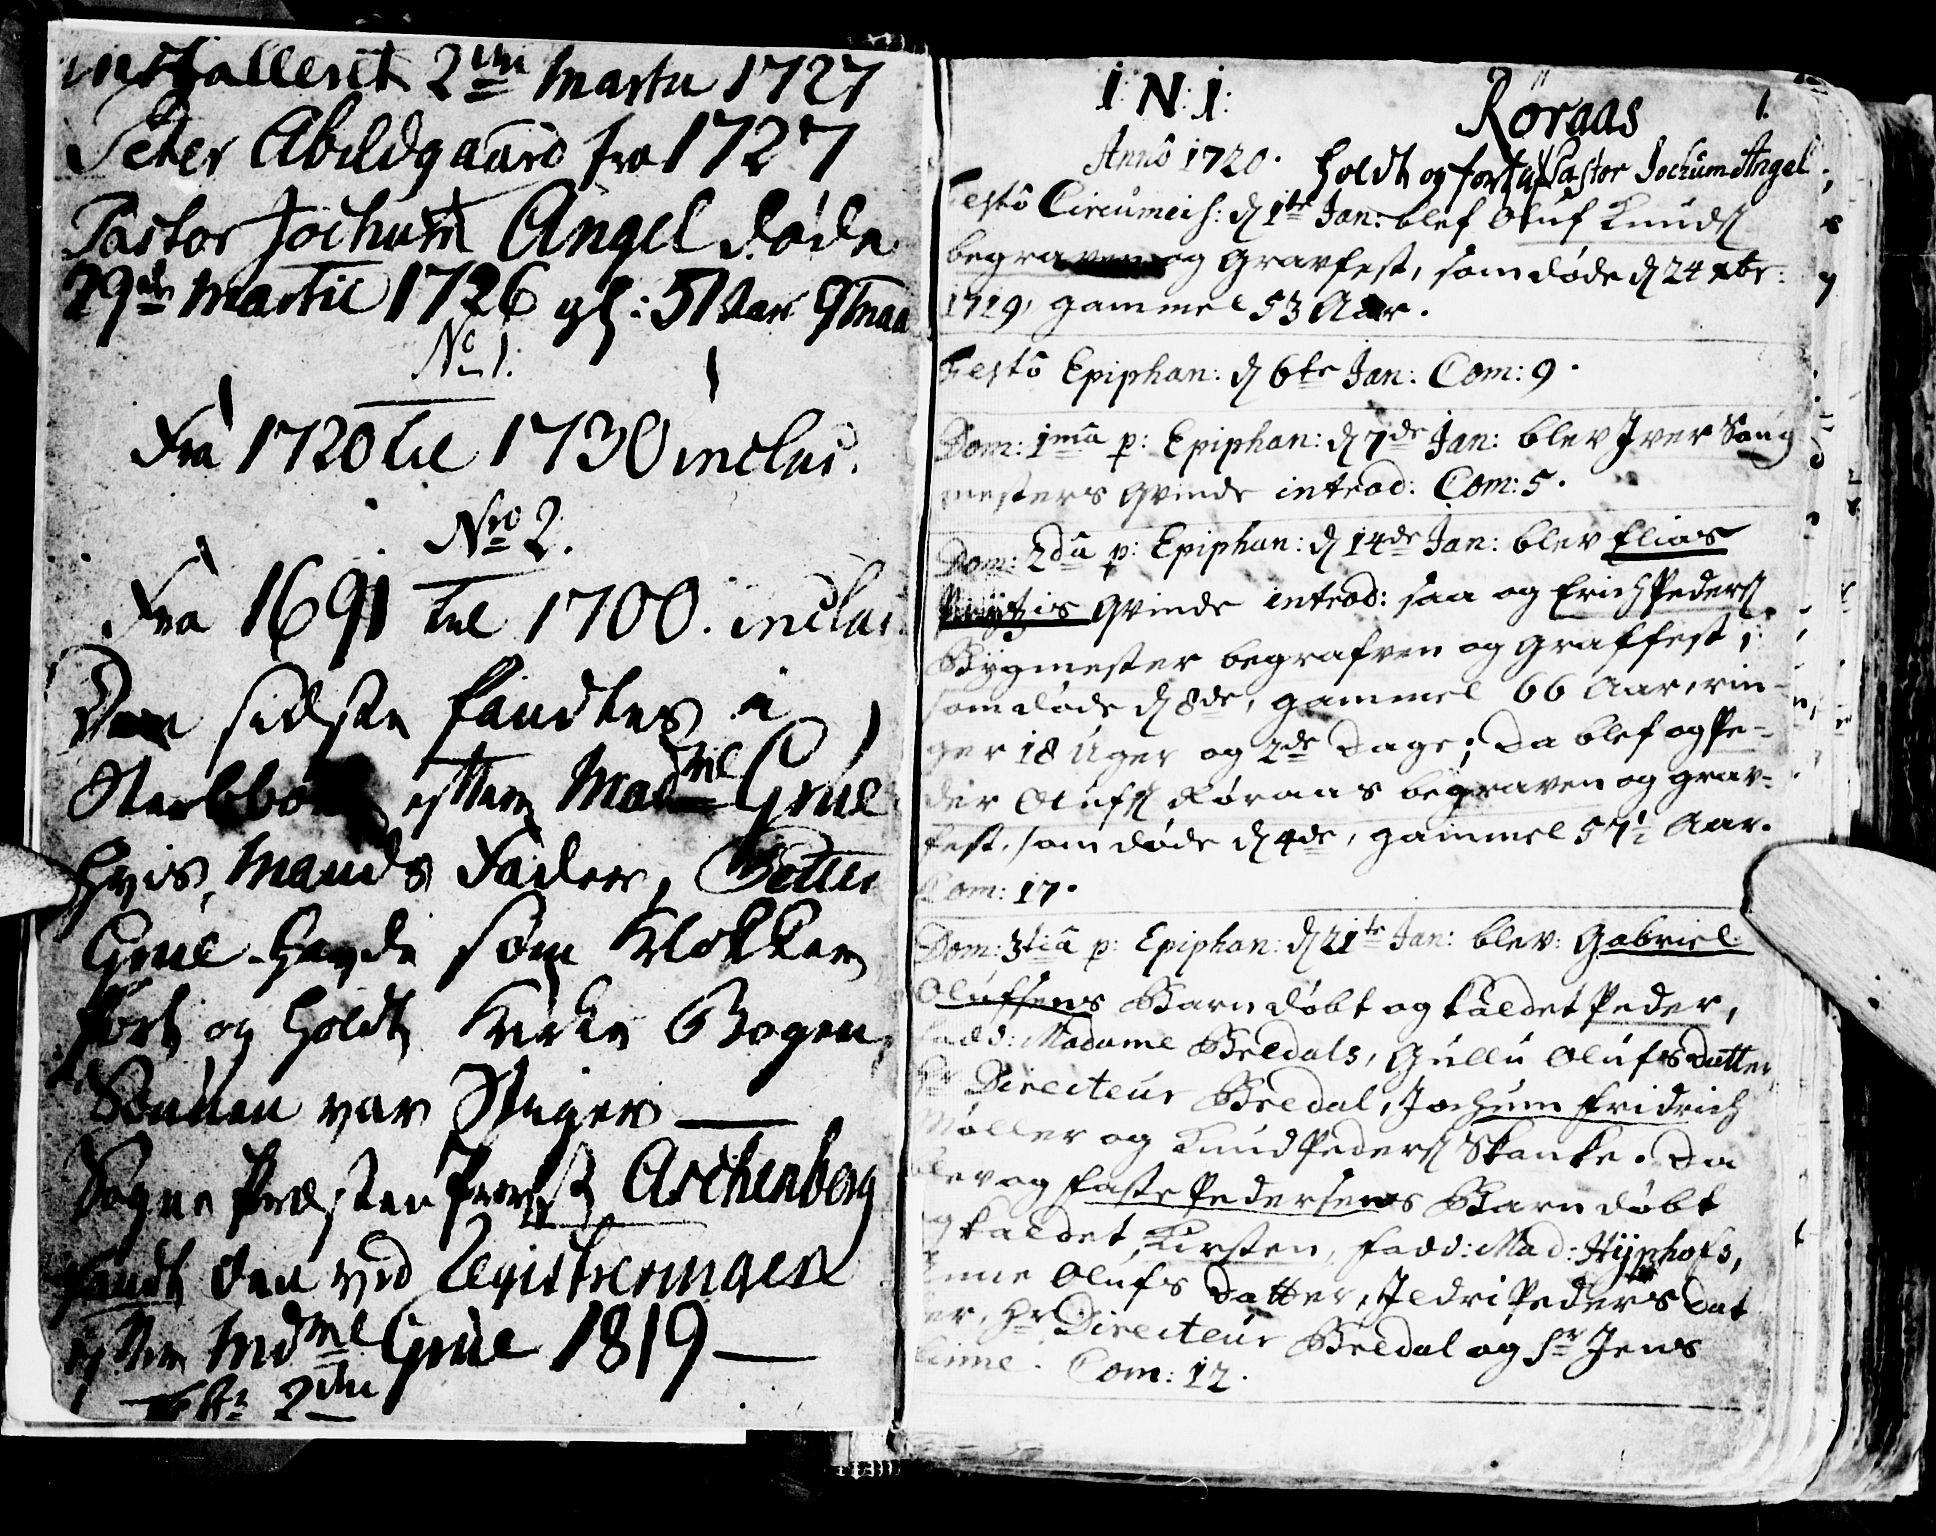 SAT, Ministerialprotokoller, klokkerbøker og fødselsregistre - Sør-Trøndelag, 681/L0924: Ministerialbok nr. 681A02, 1720-1731, s. 0-1